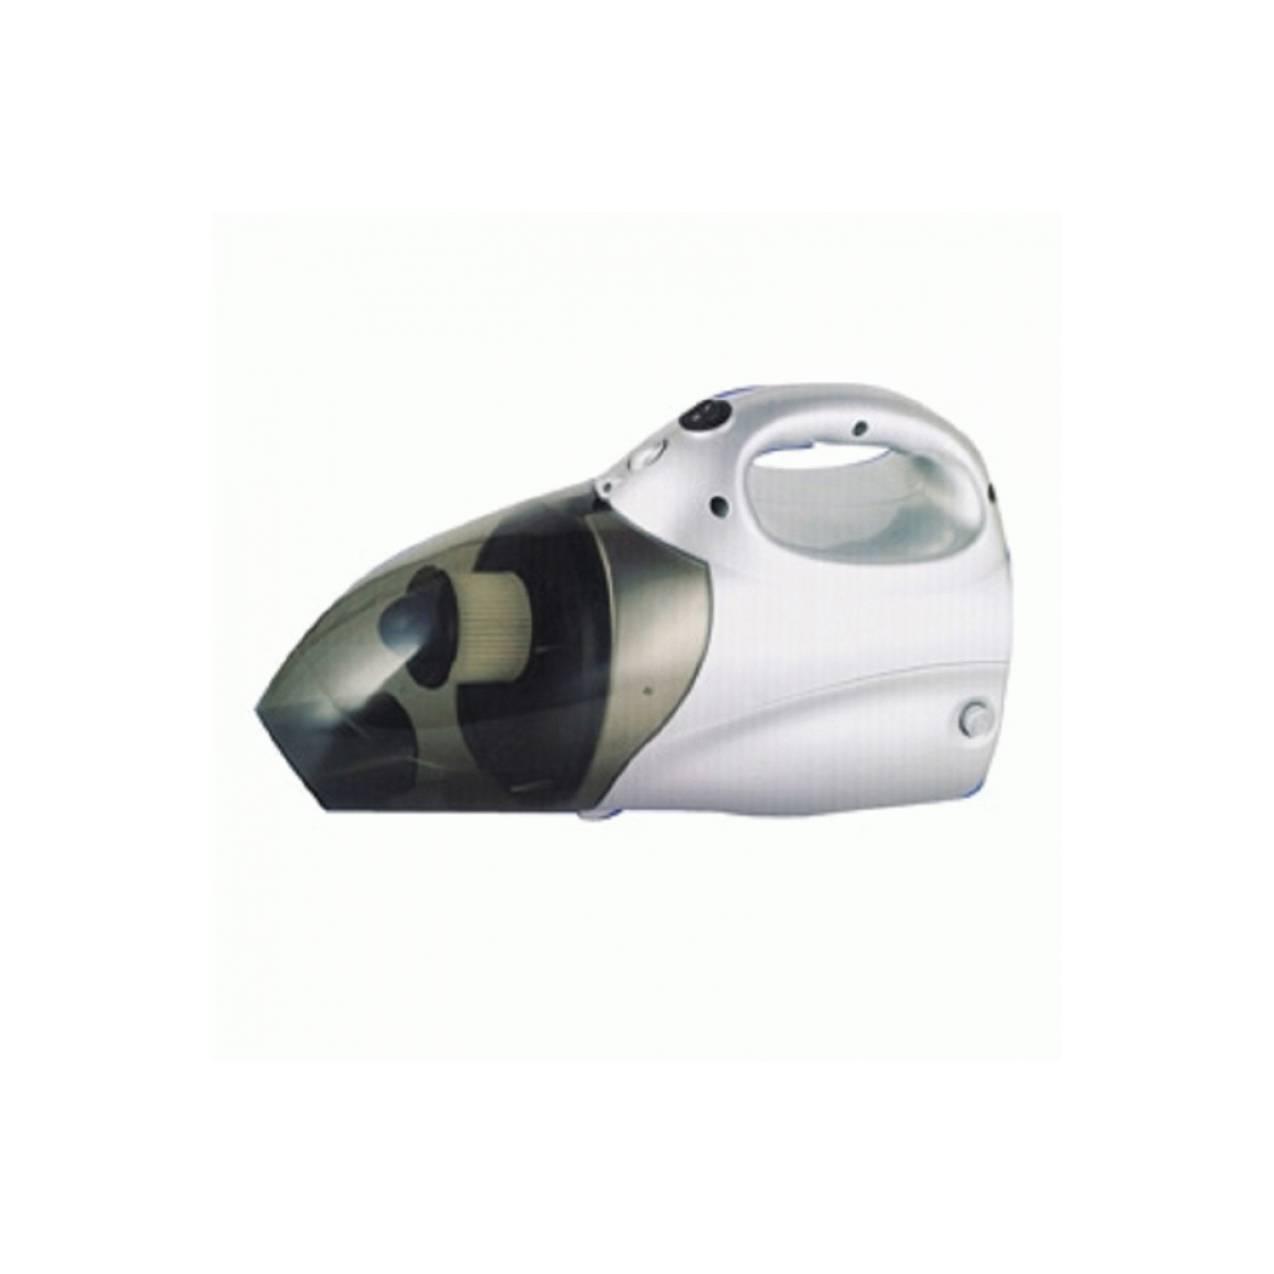 Vacuum Cleaner Solusi Buat Yang Alergi Debu Dengan Sikat Lantai Putar 270 Derajat